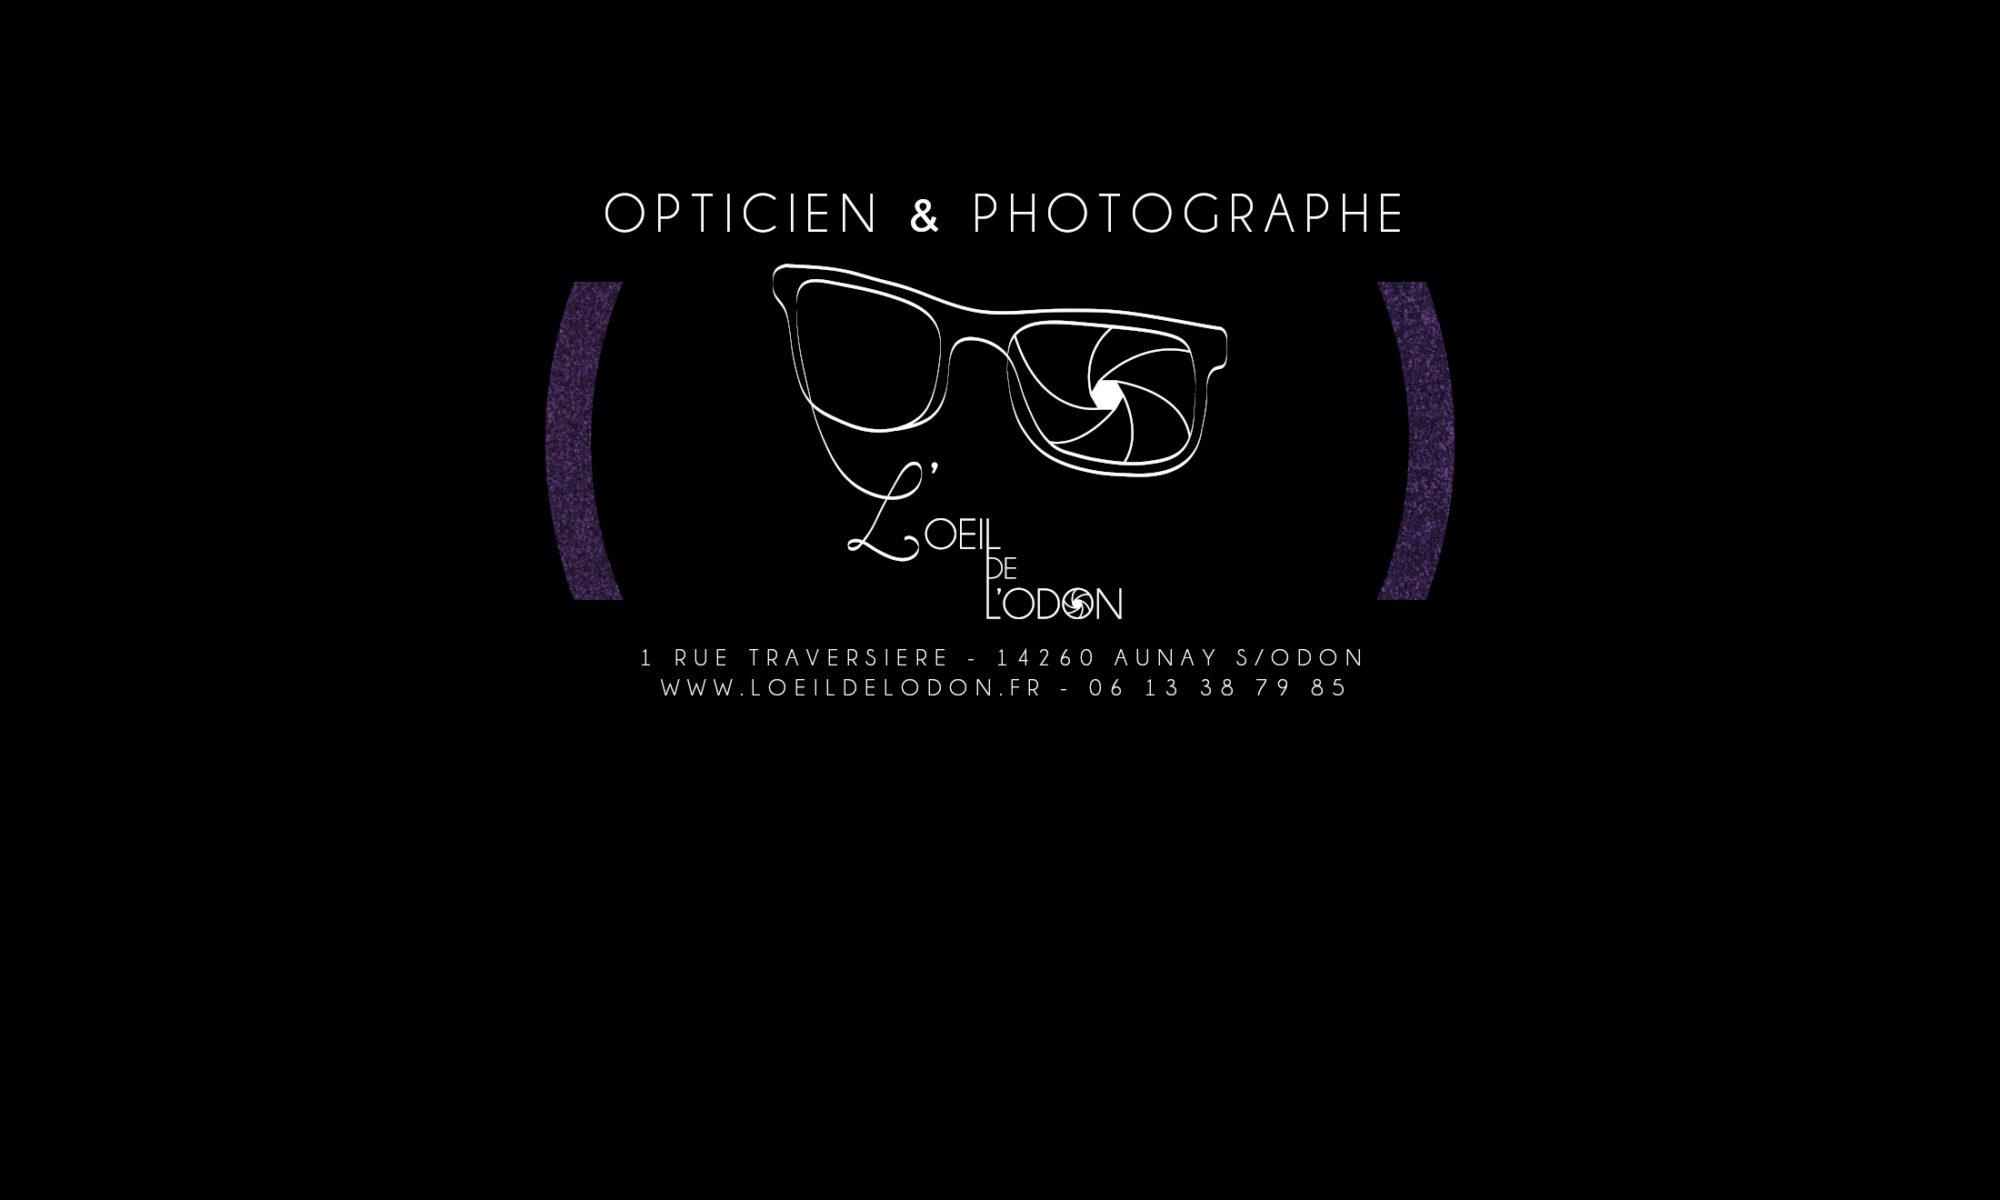 l'Oeil de l'Odon